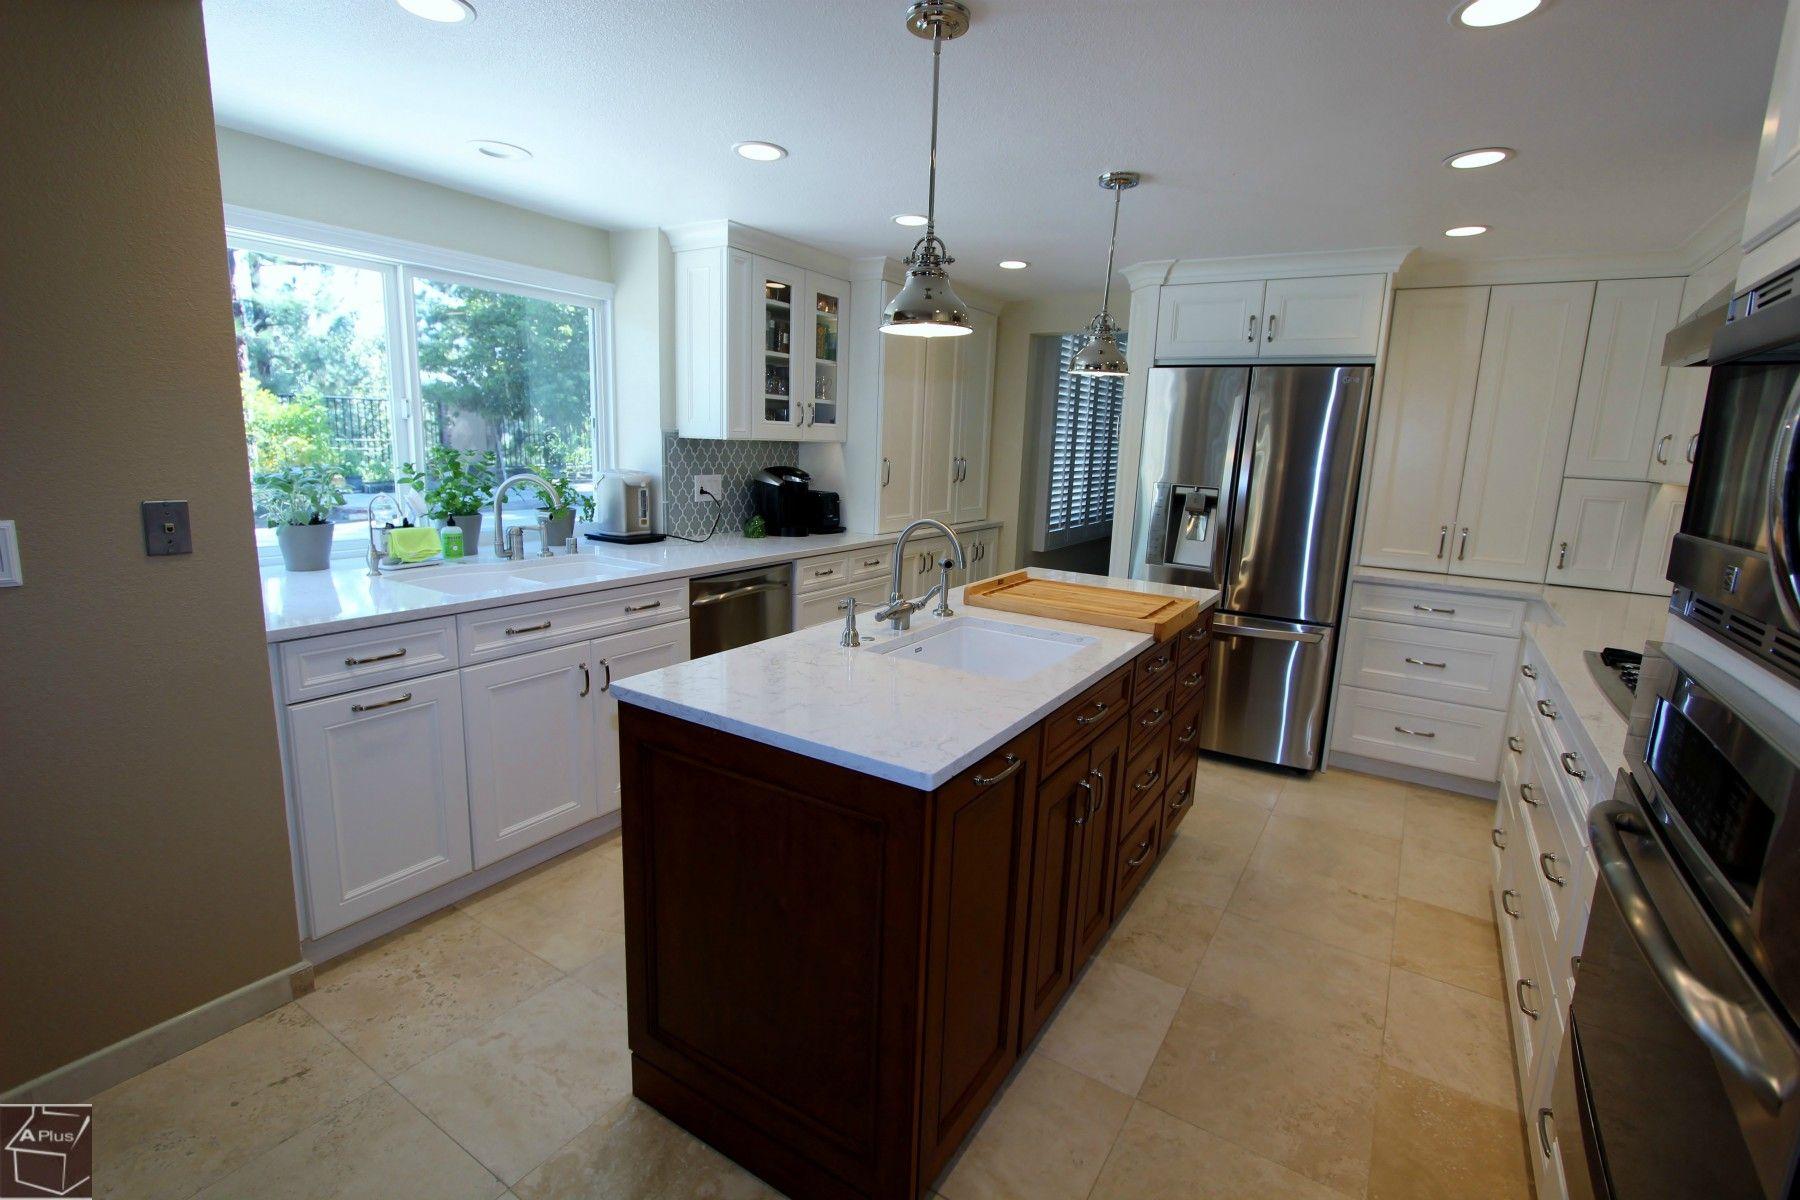 Orange County Anaheim Hills Kitchen | Complete kitchen ...